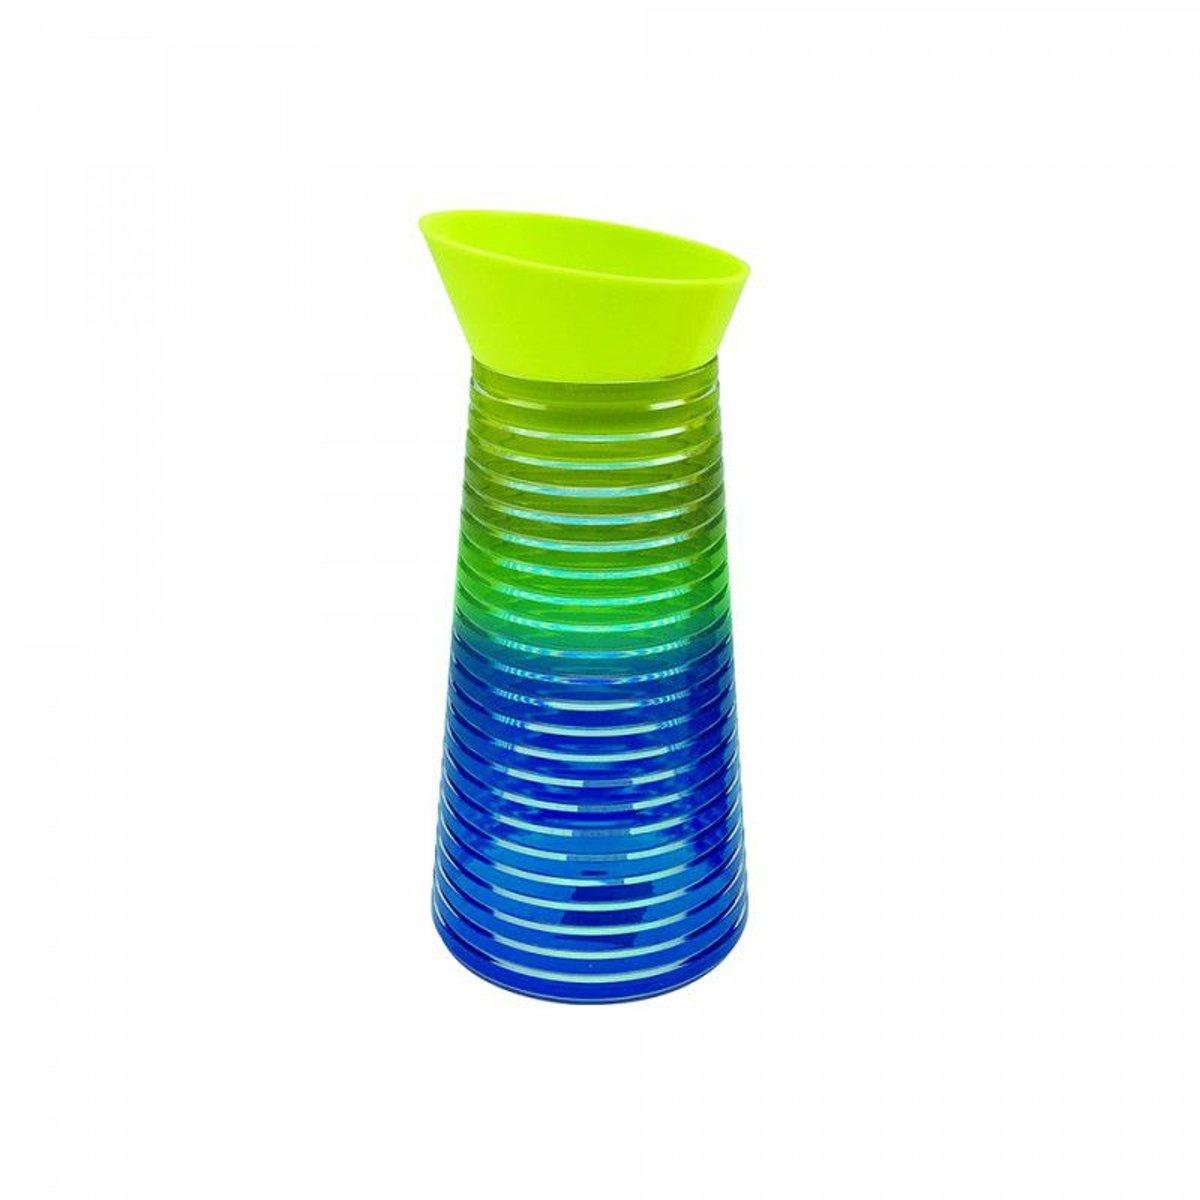 Zak!Designs Swirl - Waterkaraf - 1 liter - Regenboog Koud